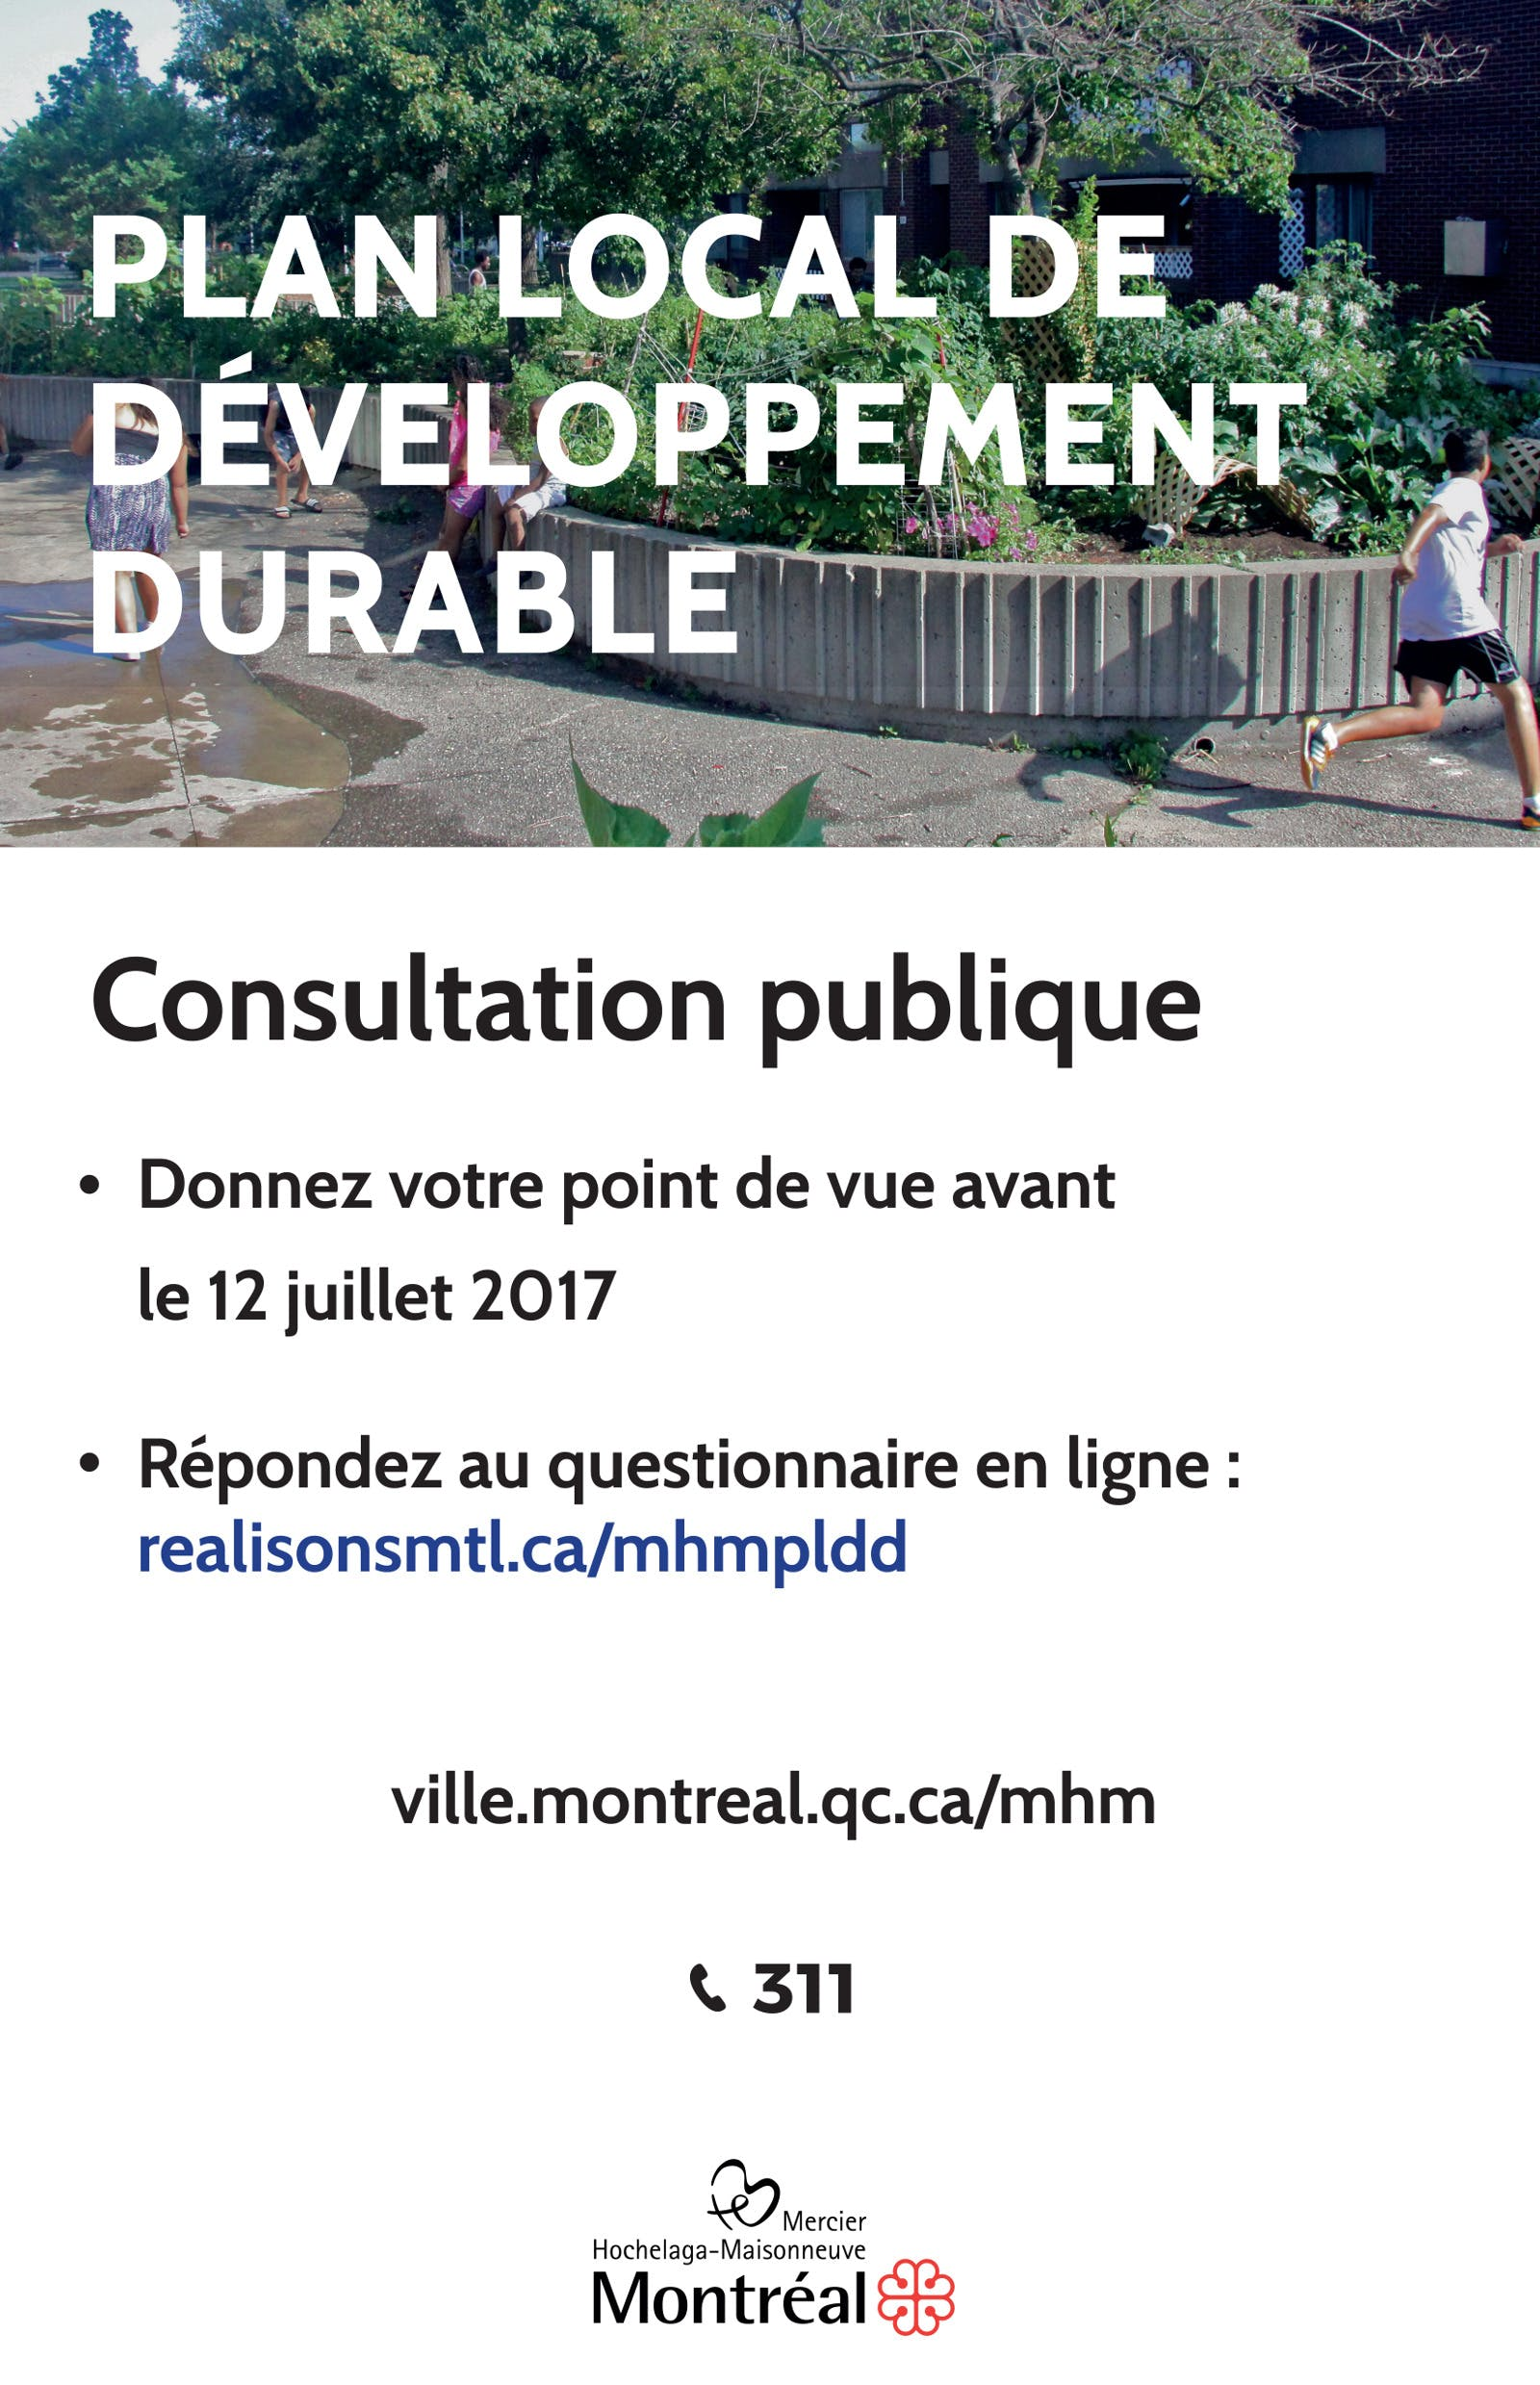 Consultation Publique Du 12juillet2017